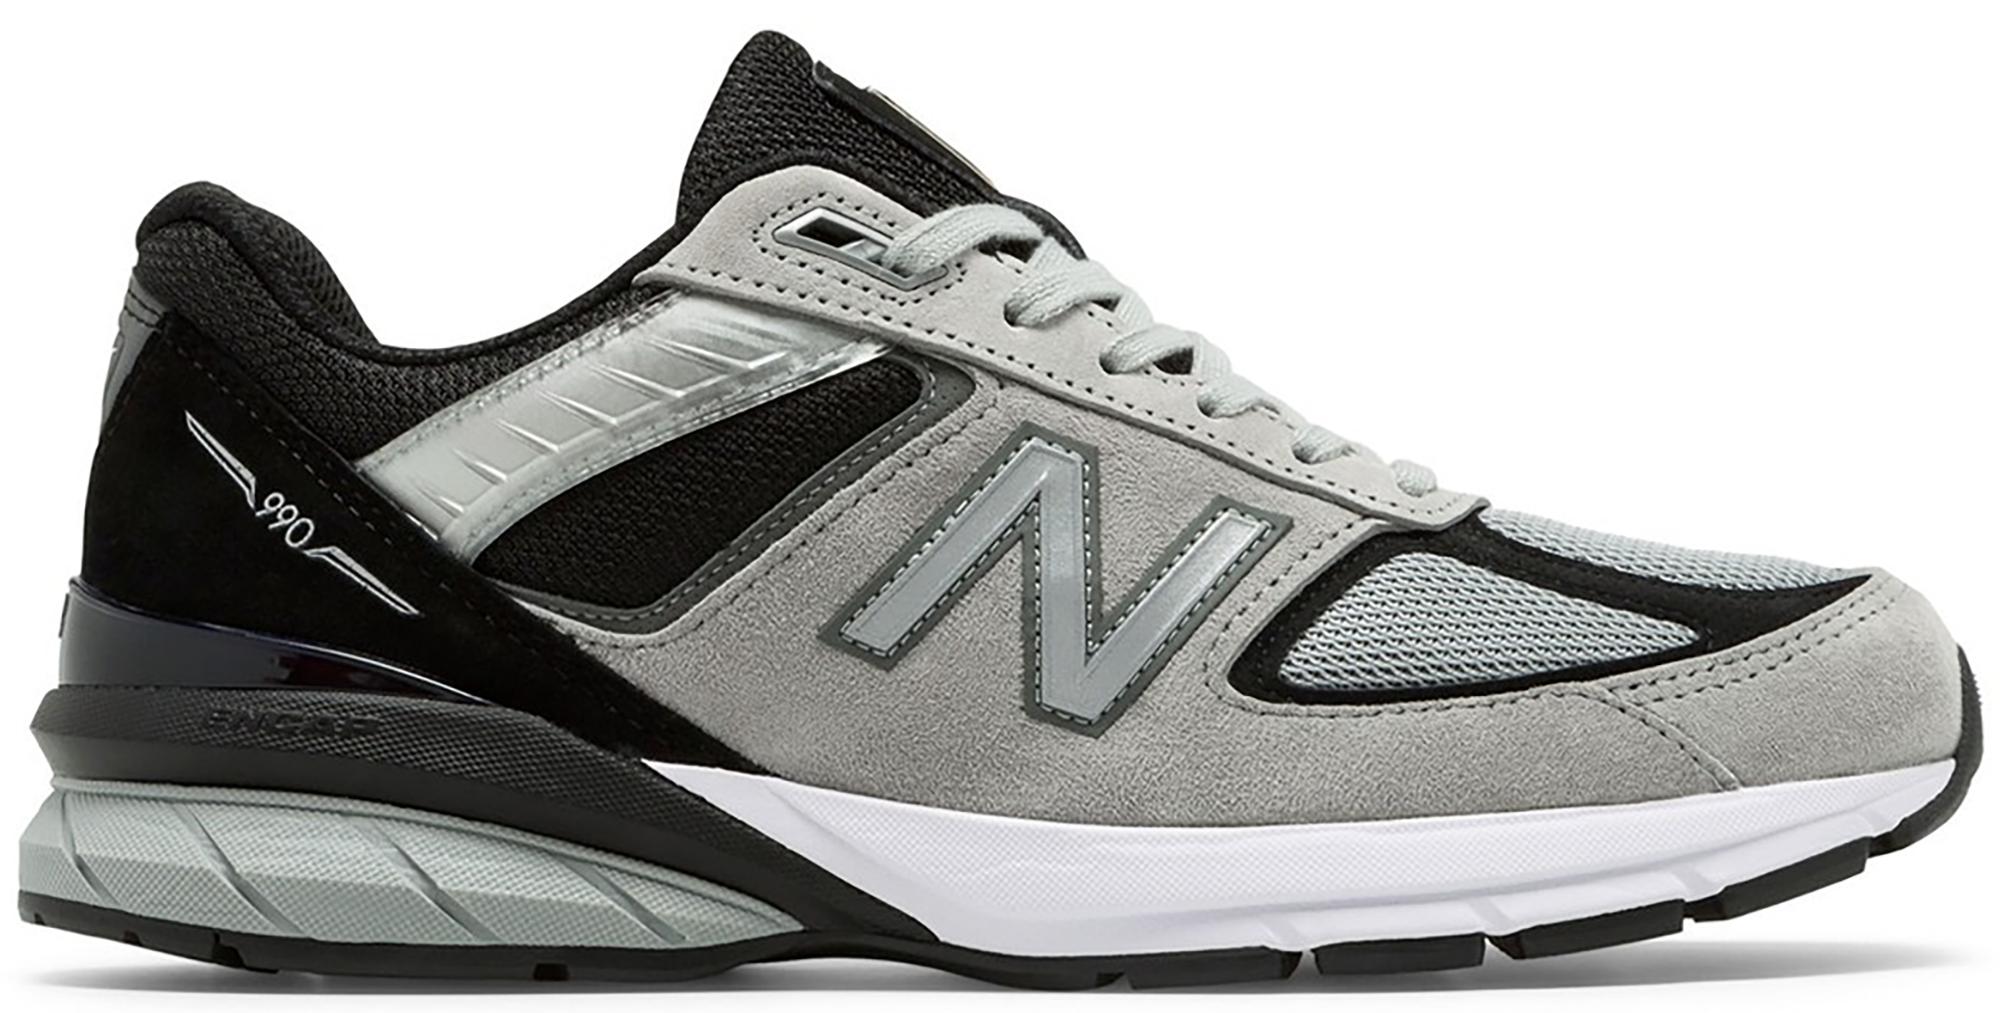 New Balance 990v5 Kool Grey Black - M990GB5